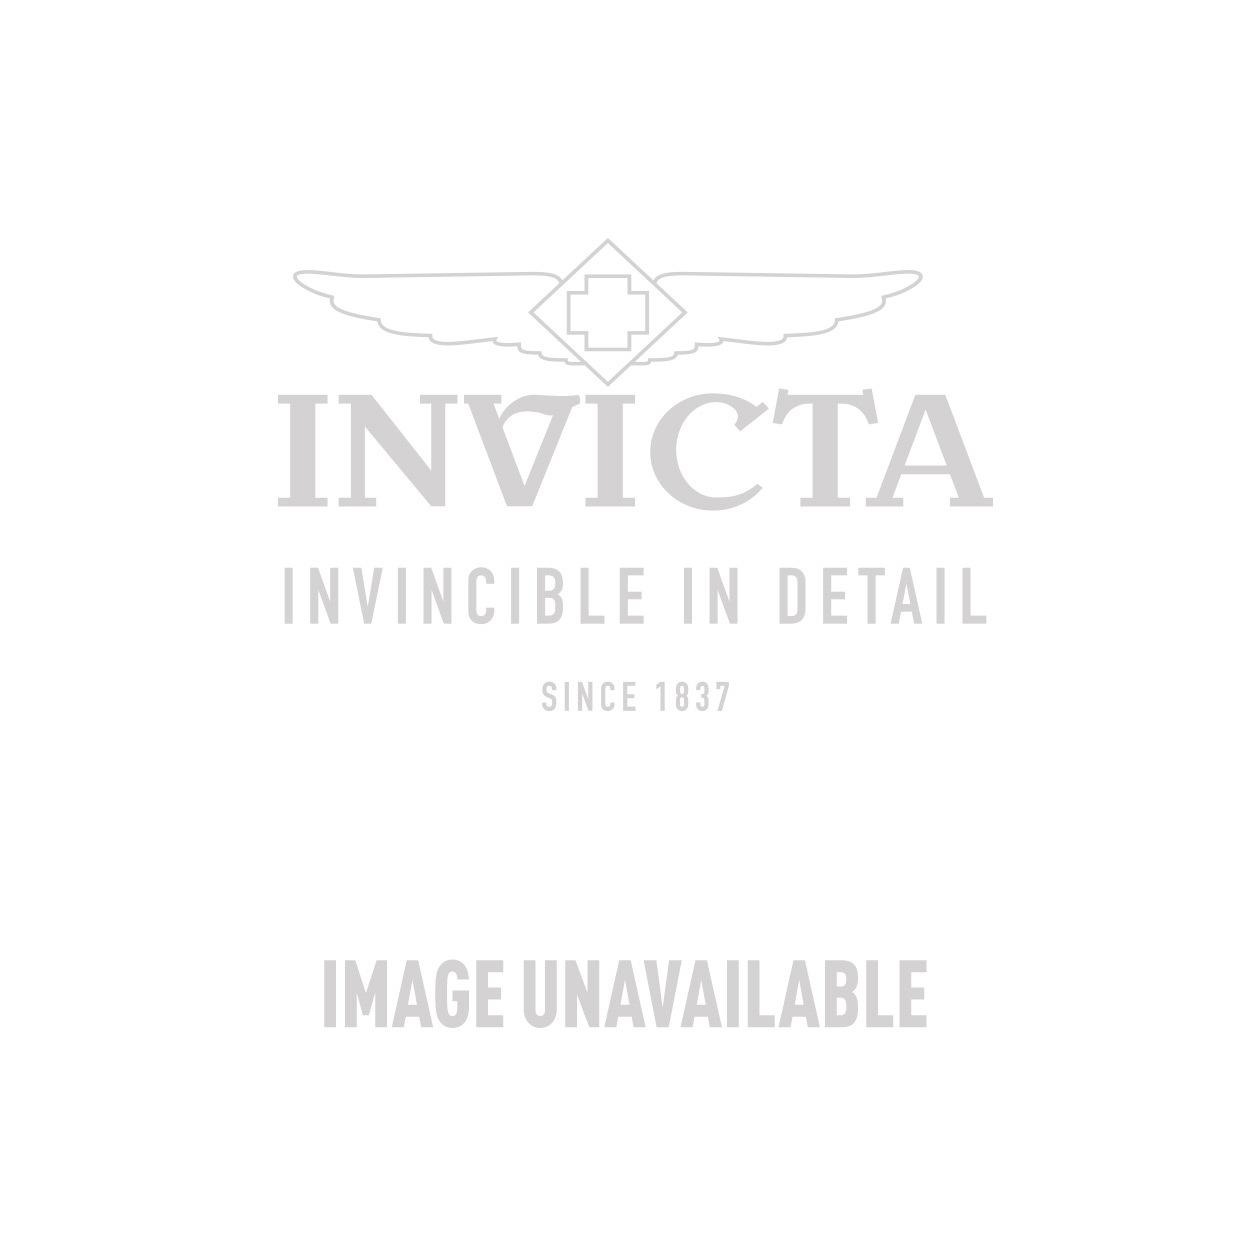 Invicta Model 27577